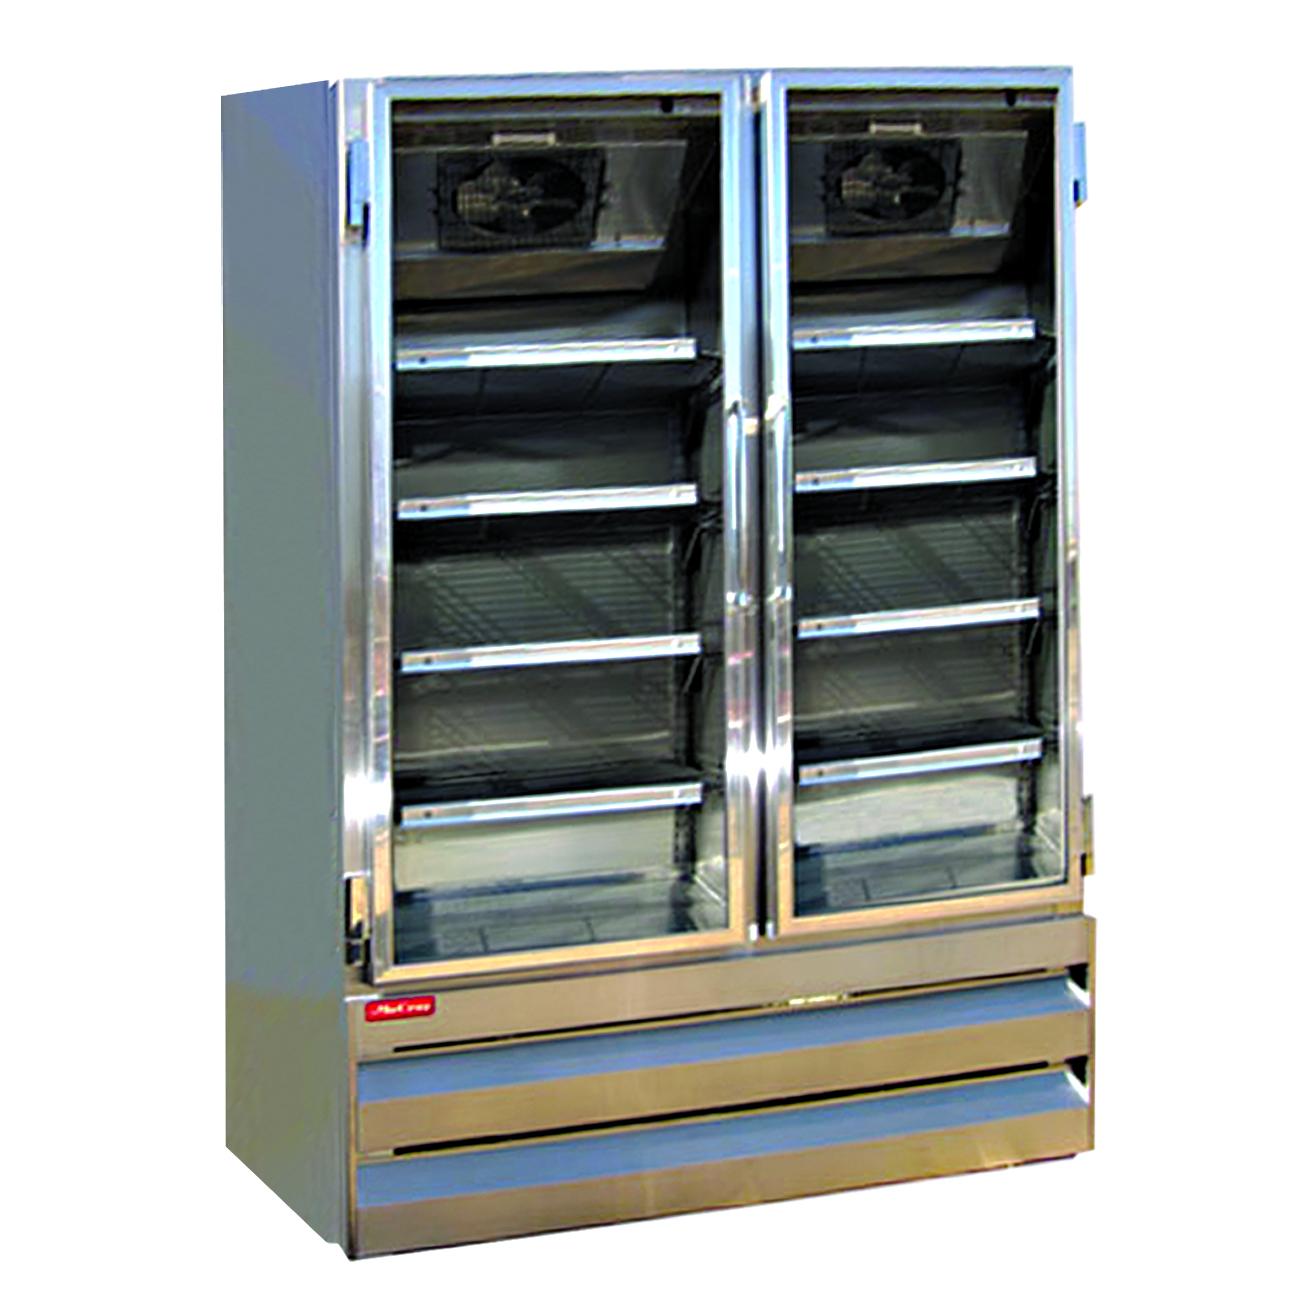 Howard-McCray GR42BM refrigerator, merchandiser